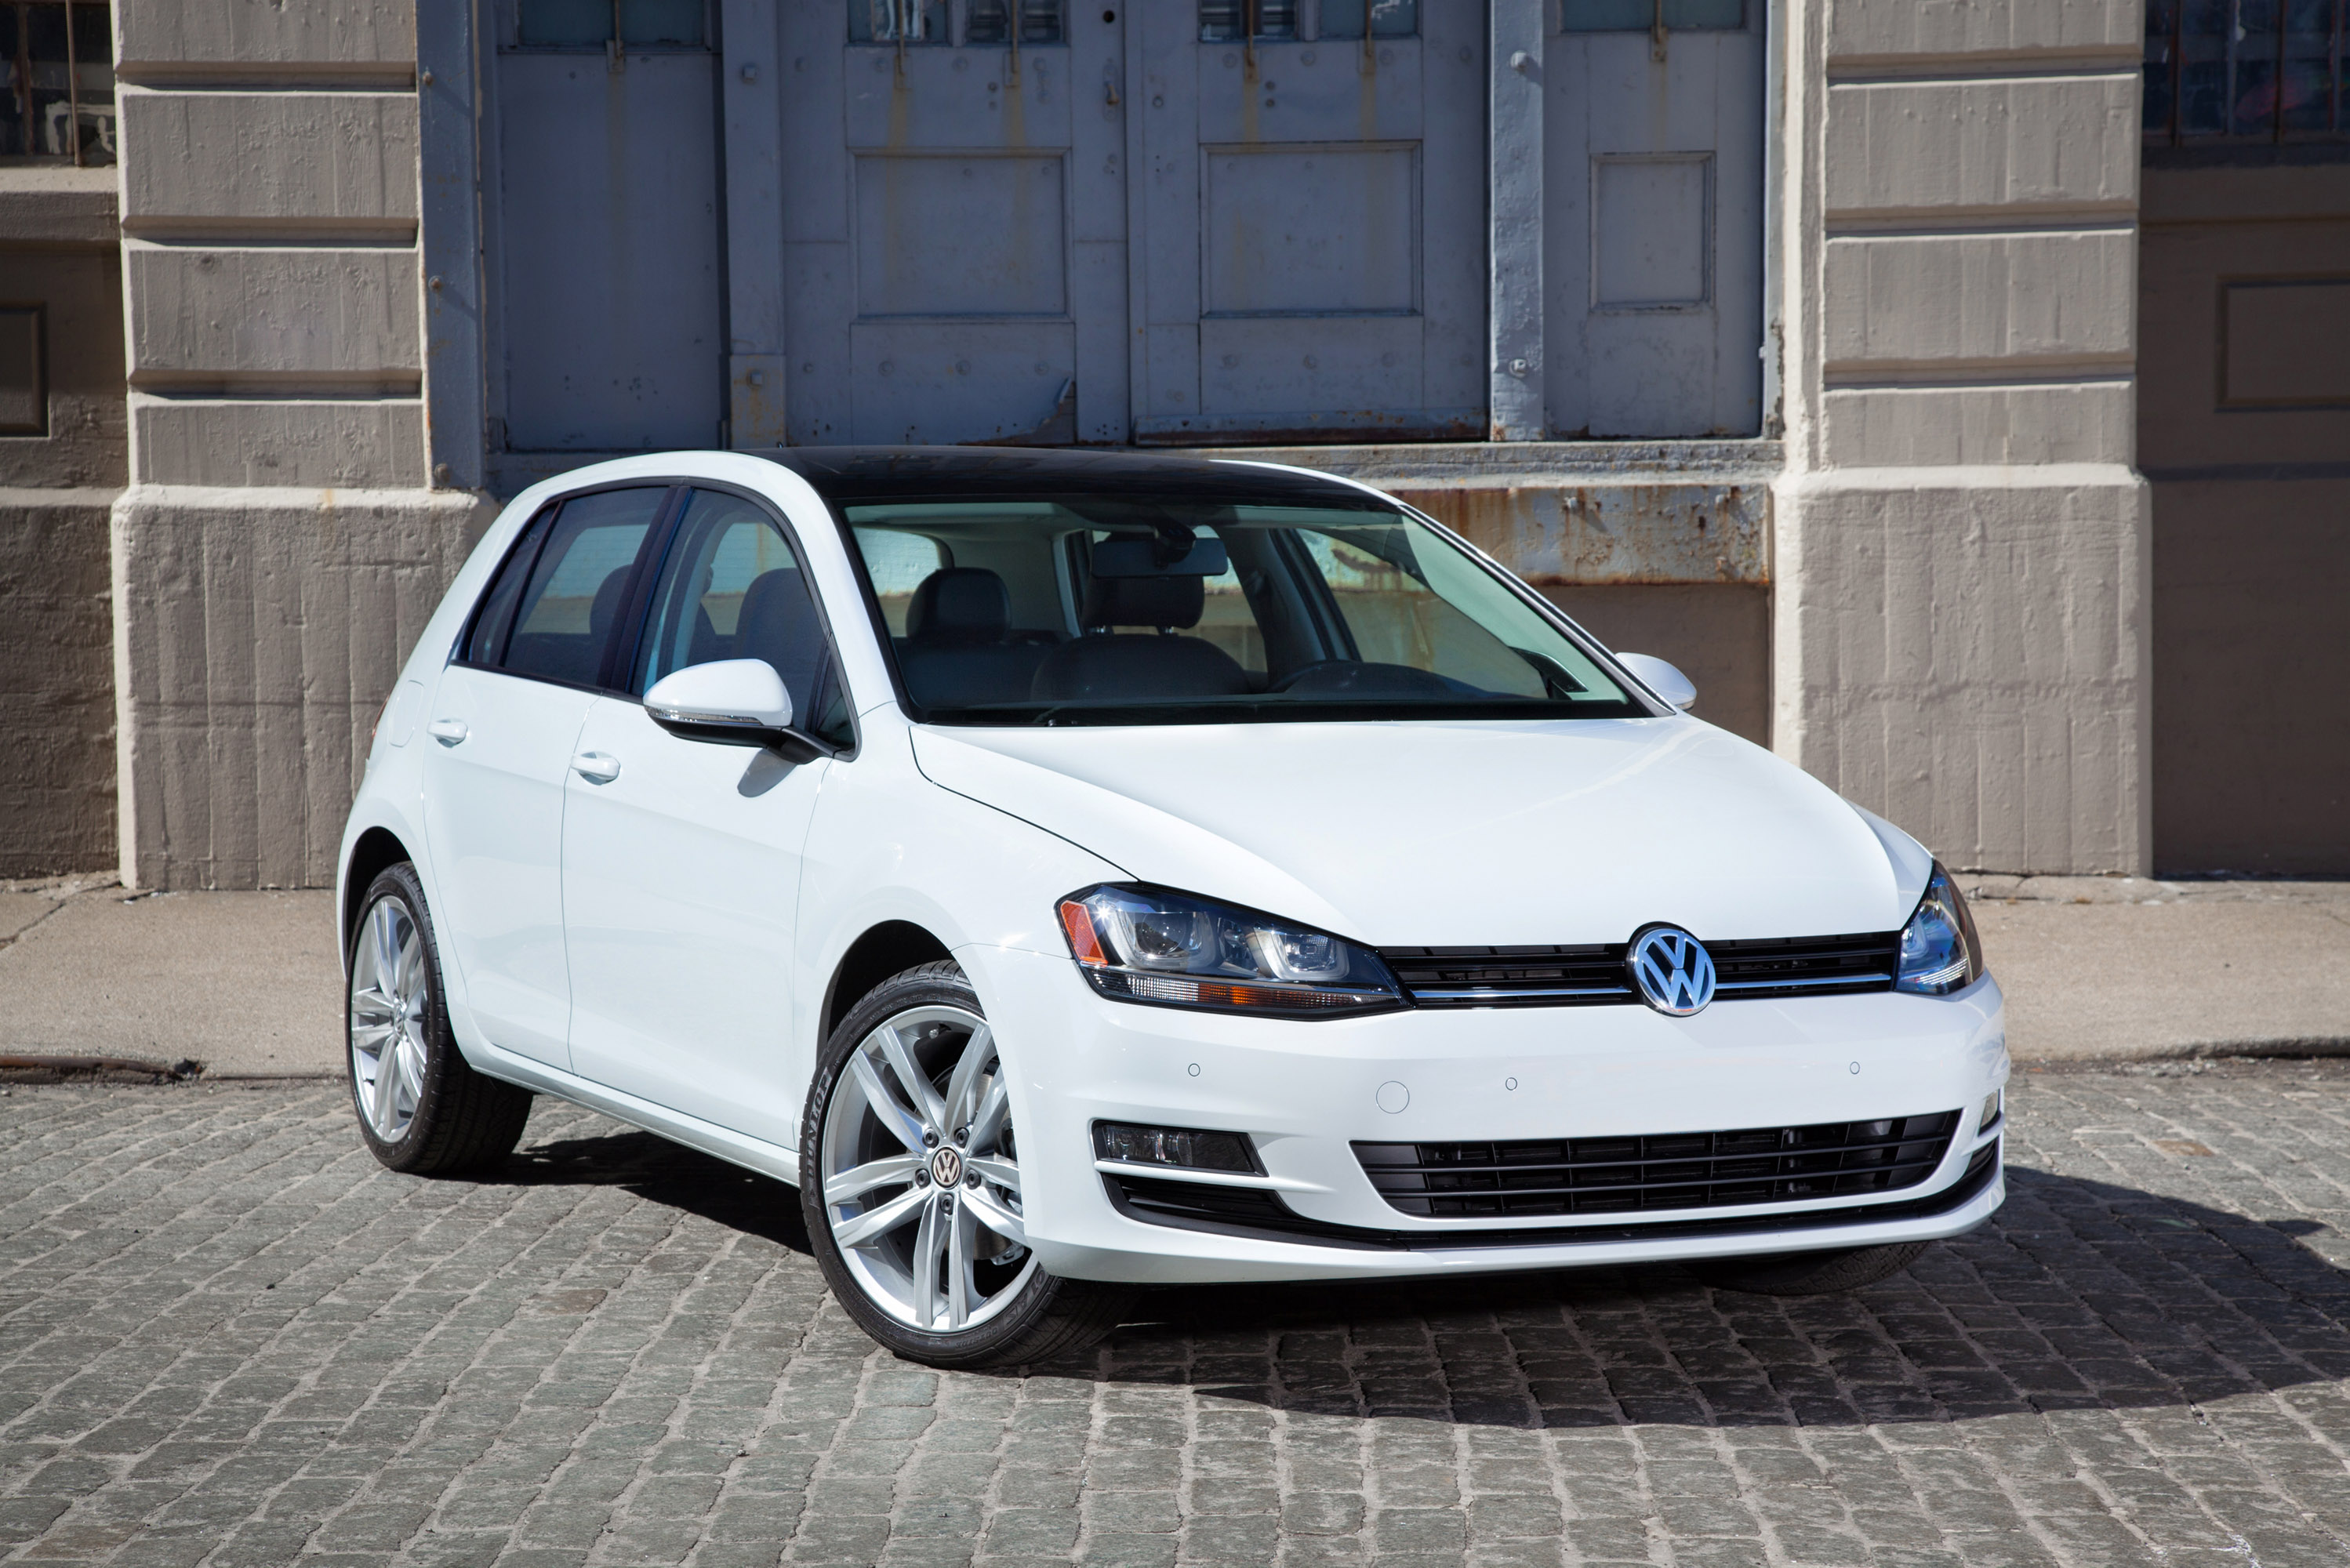 2017 Volkswagen Golf Sportwagen Tsi S >> Volkswagen Announces Pricing For 2015 Golf